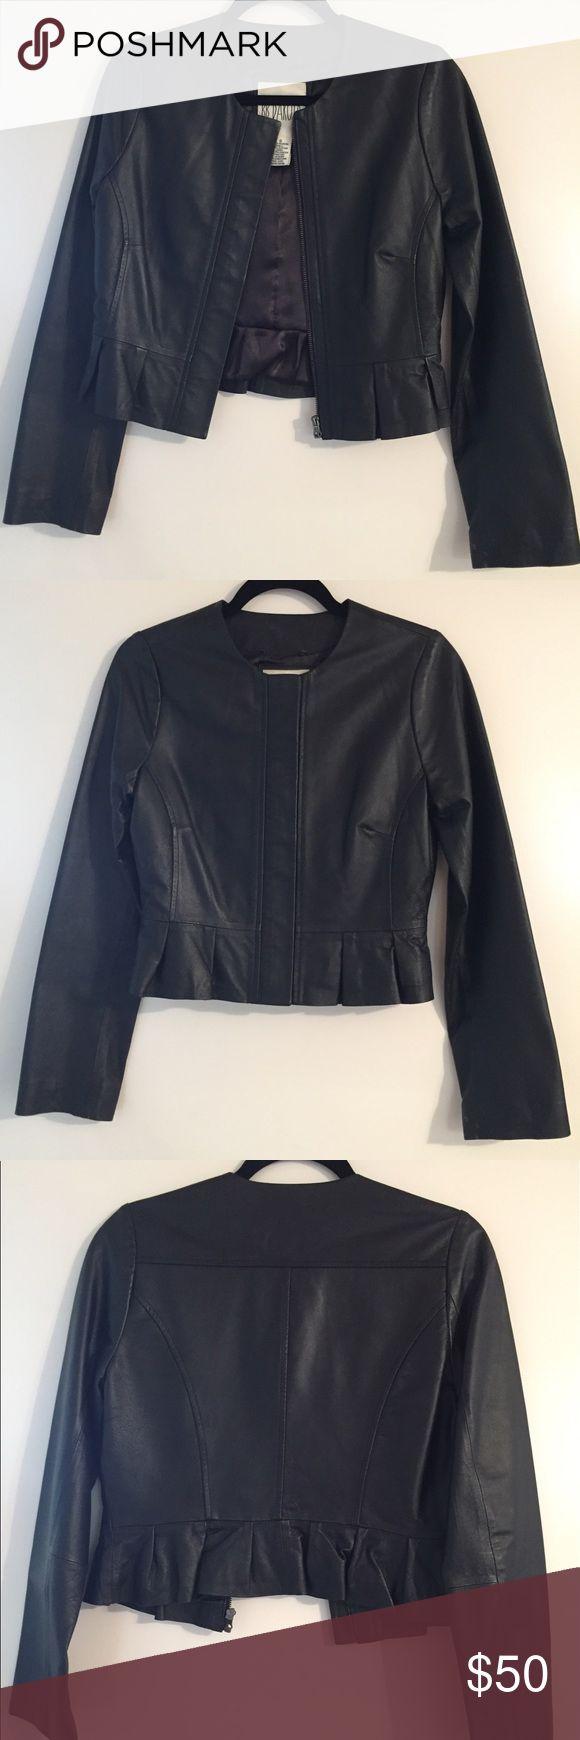 BB Dakota Black Leather Jacket size Small S Gently used BBDakota Genuine Leather Jacket with ruffle detail in size Small. BB Dakota Jackets & Coats